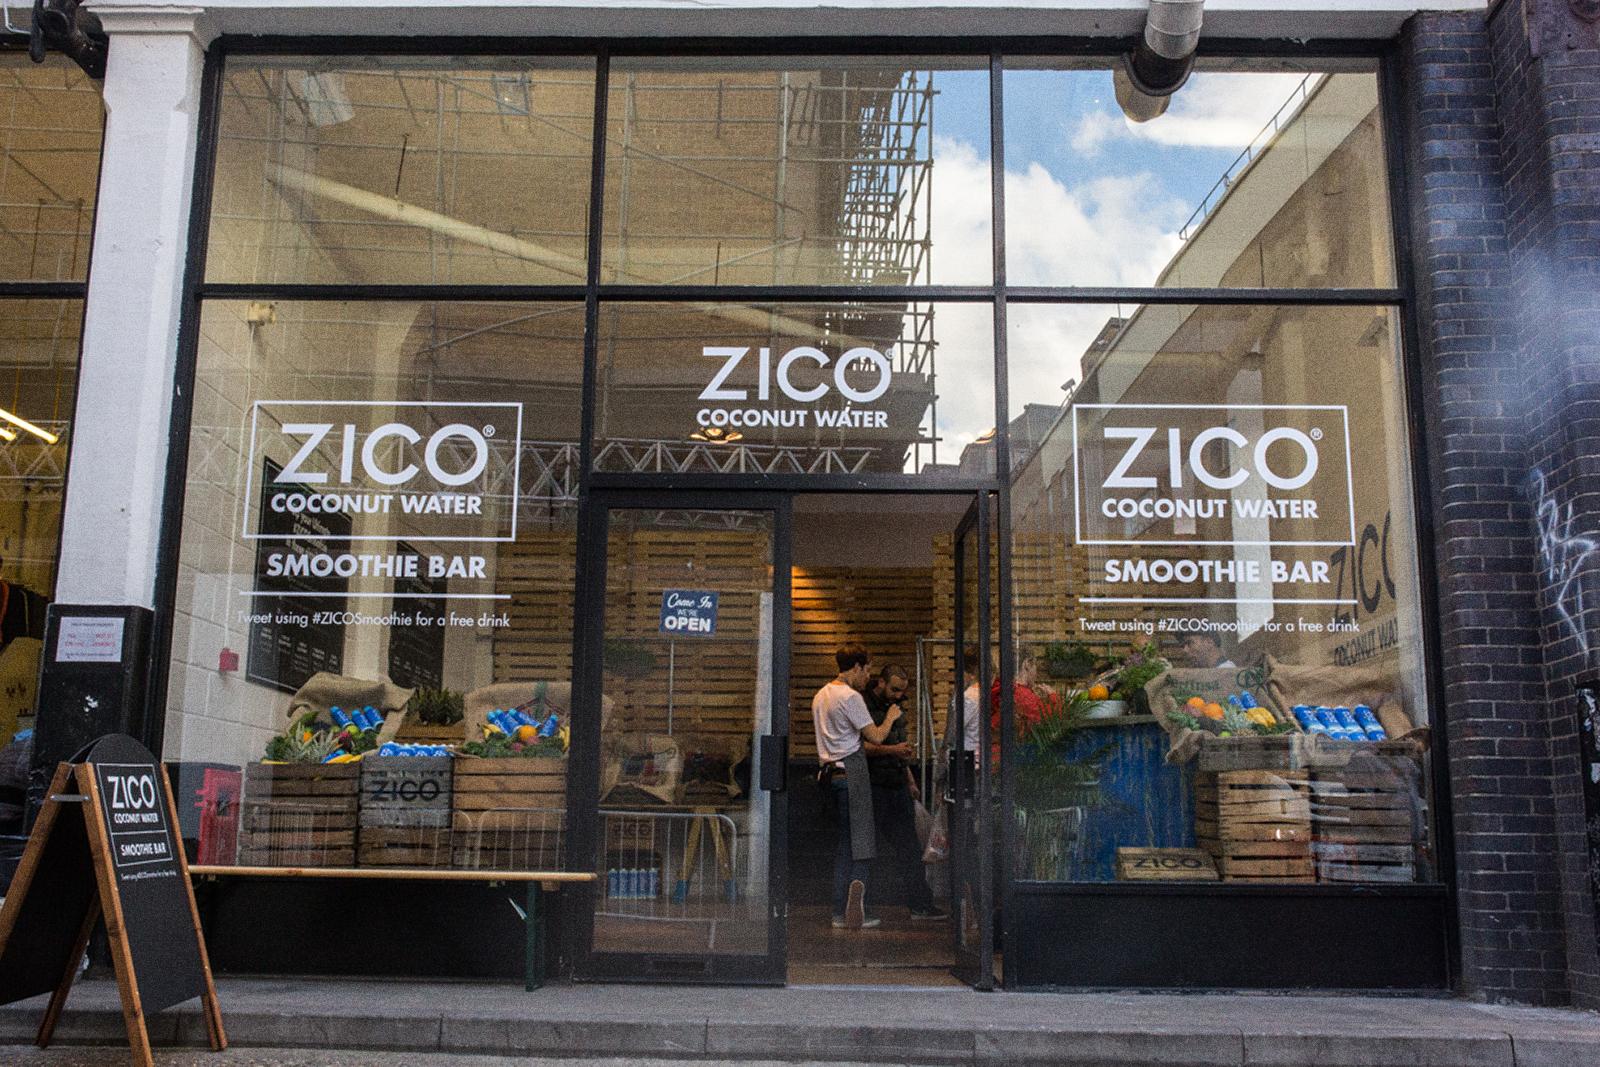 Zico-coconut-water-popup-event-art-direction-01-james-lee-duffy.jpg